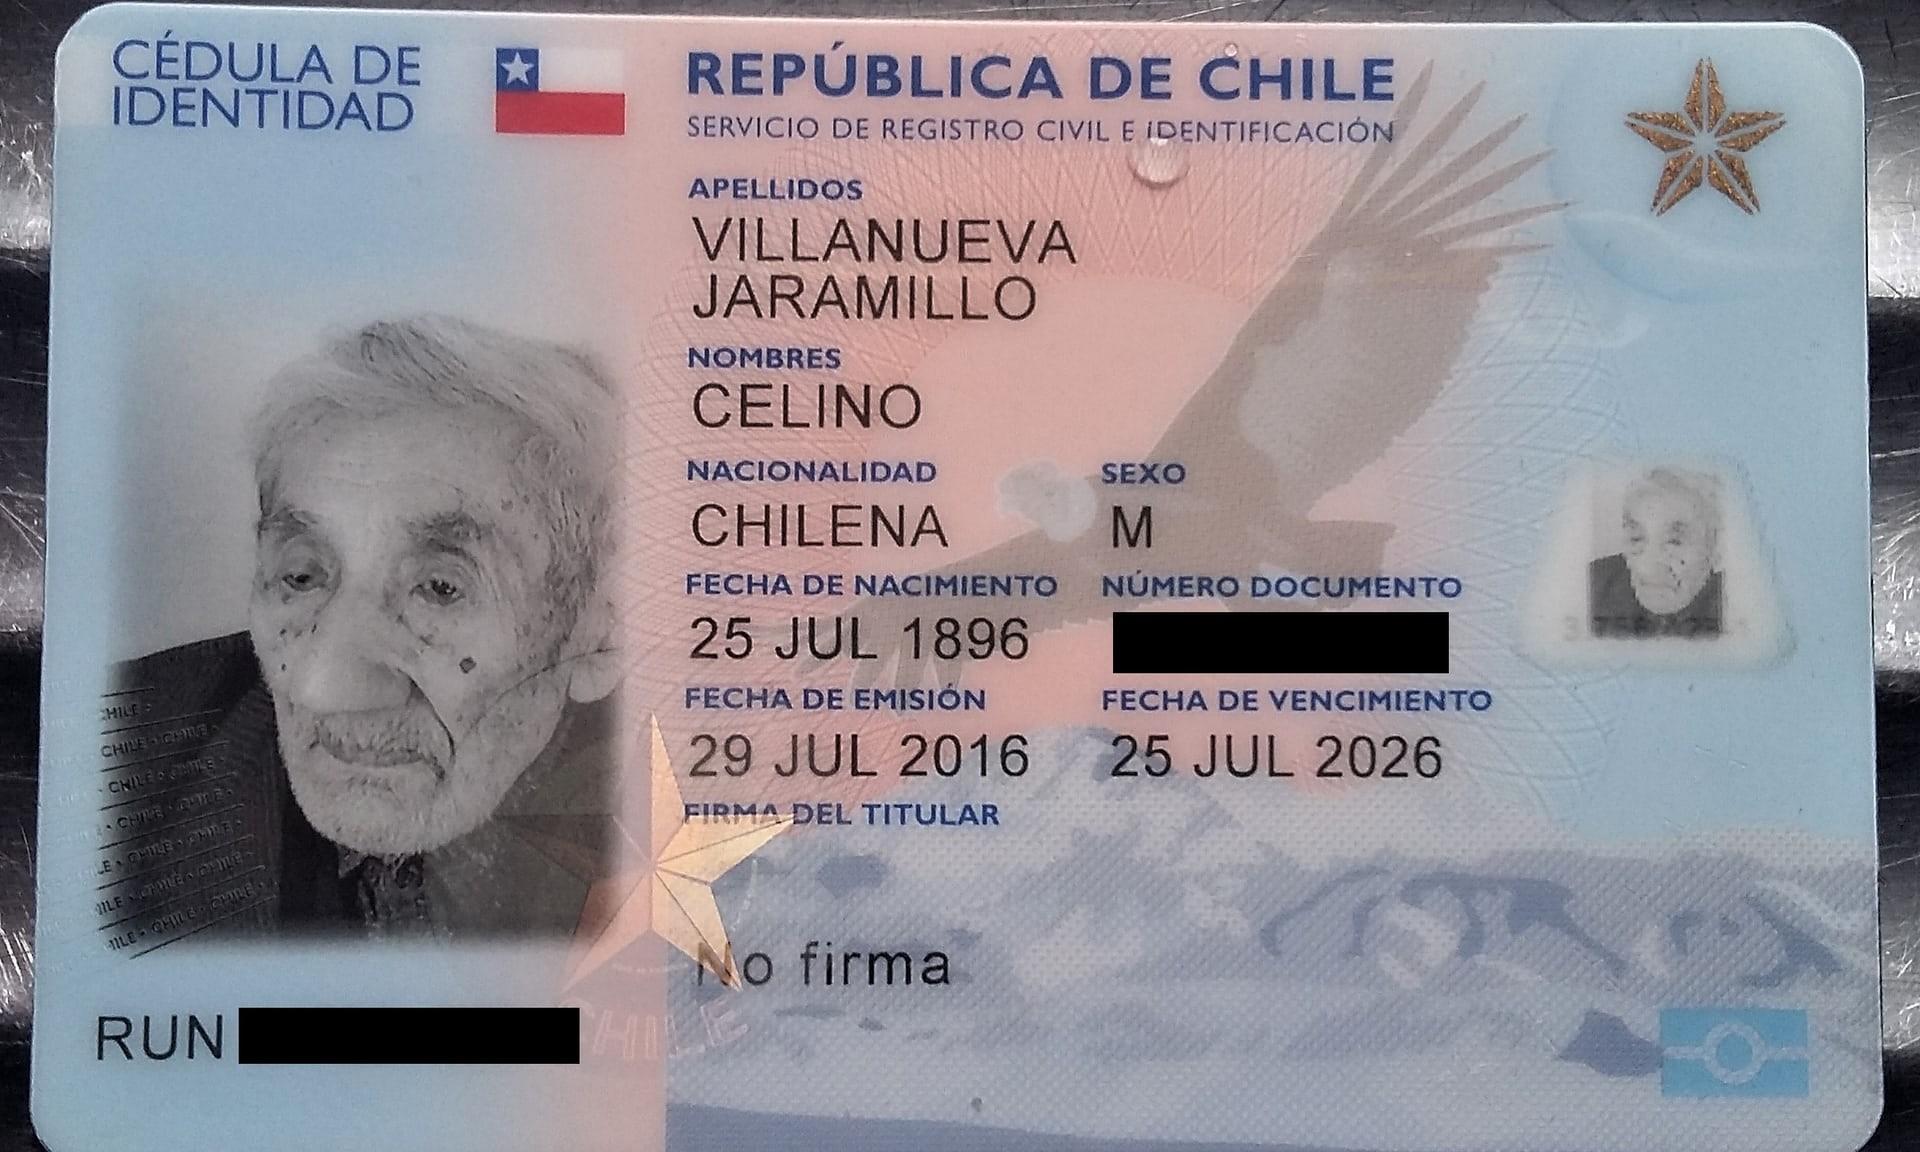 Carteira de identidade do chileno com sua data de nascimento (Foto: Reprodução)